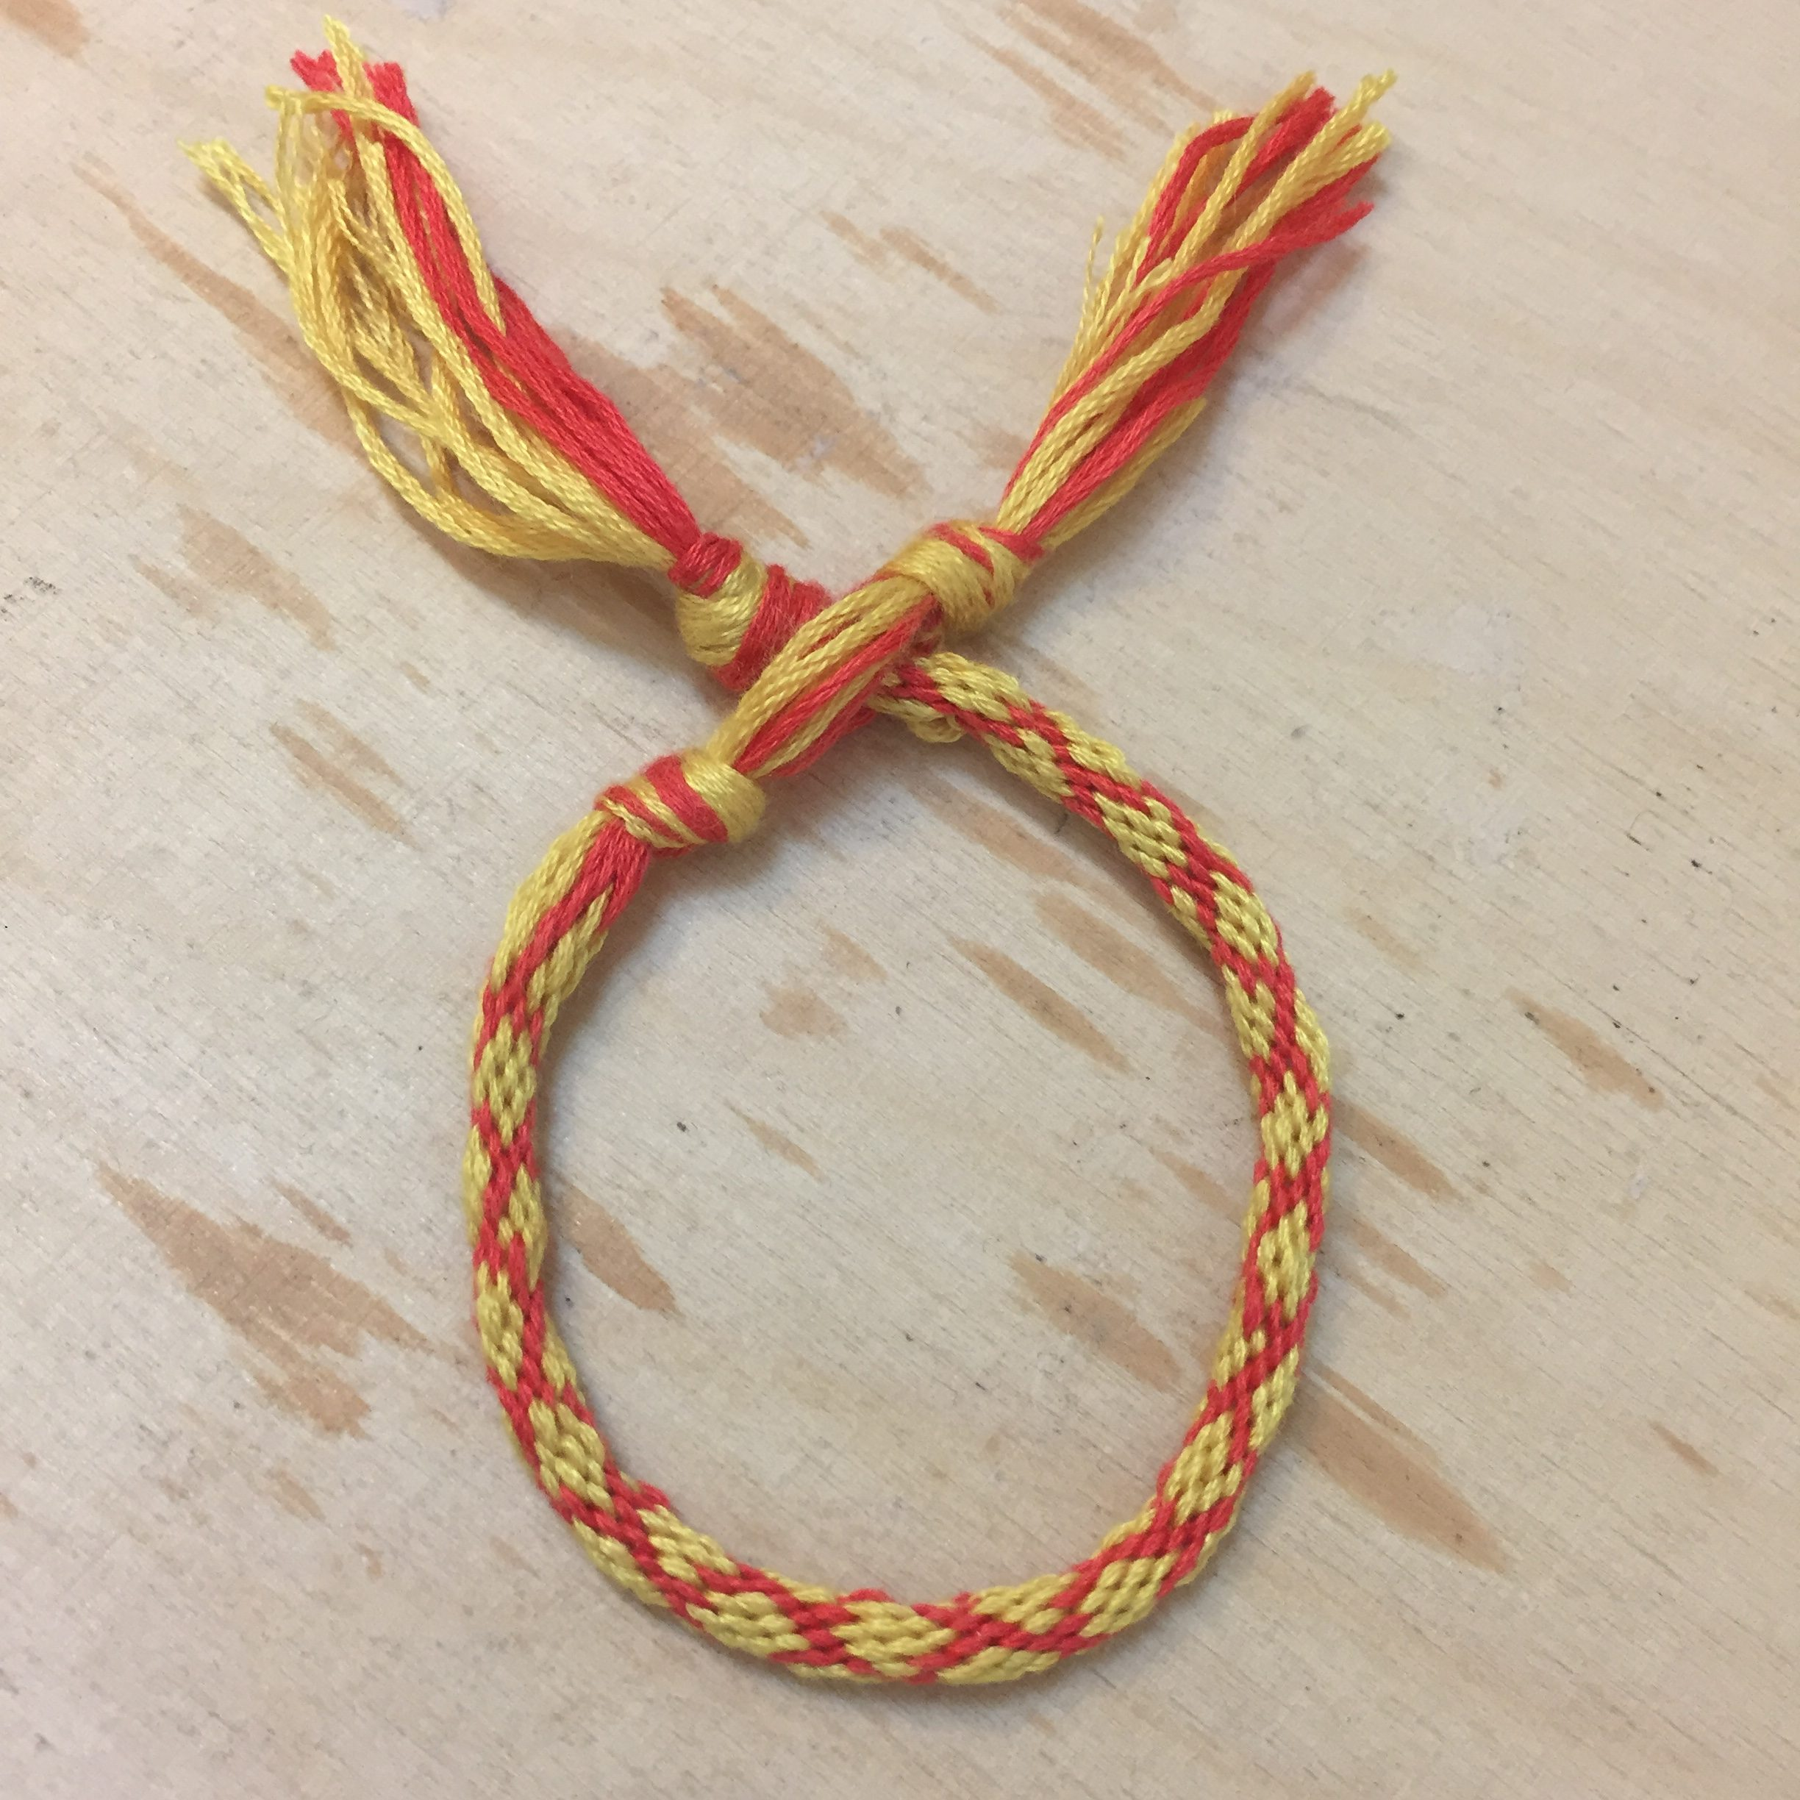 دستبند دوستی زرد و قرمز